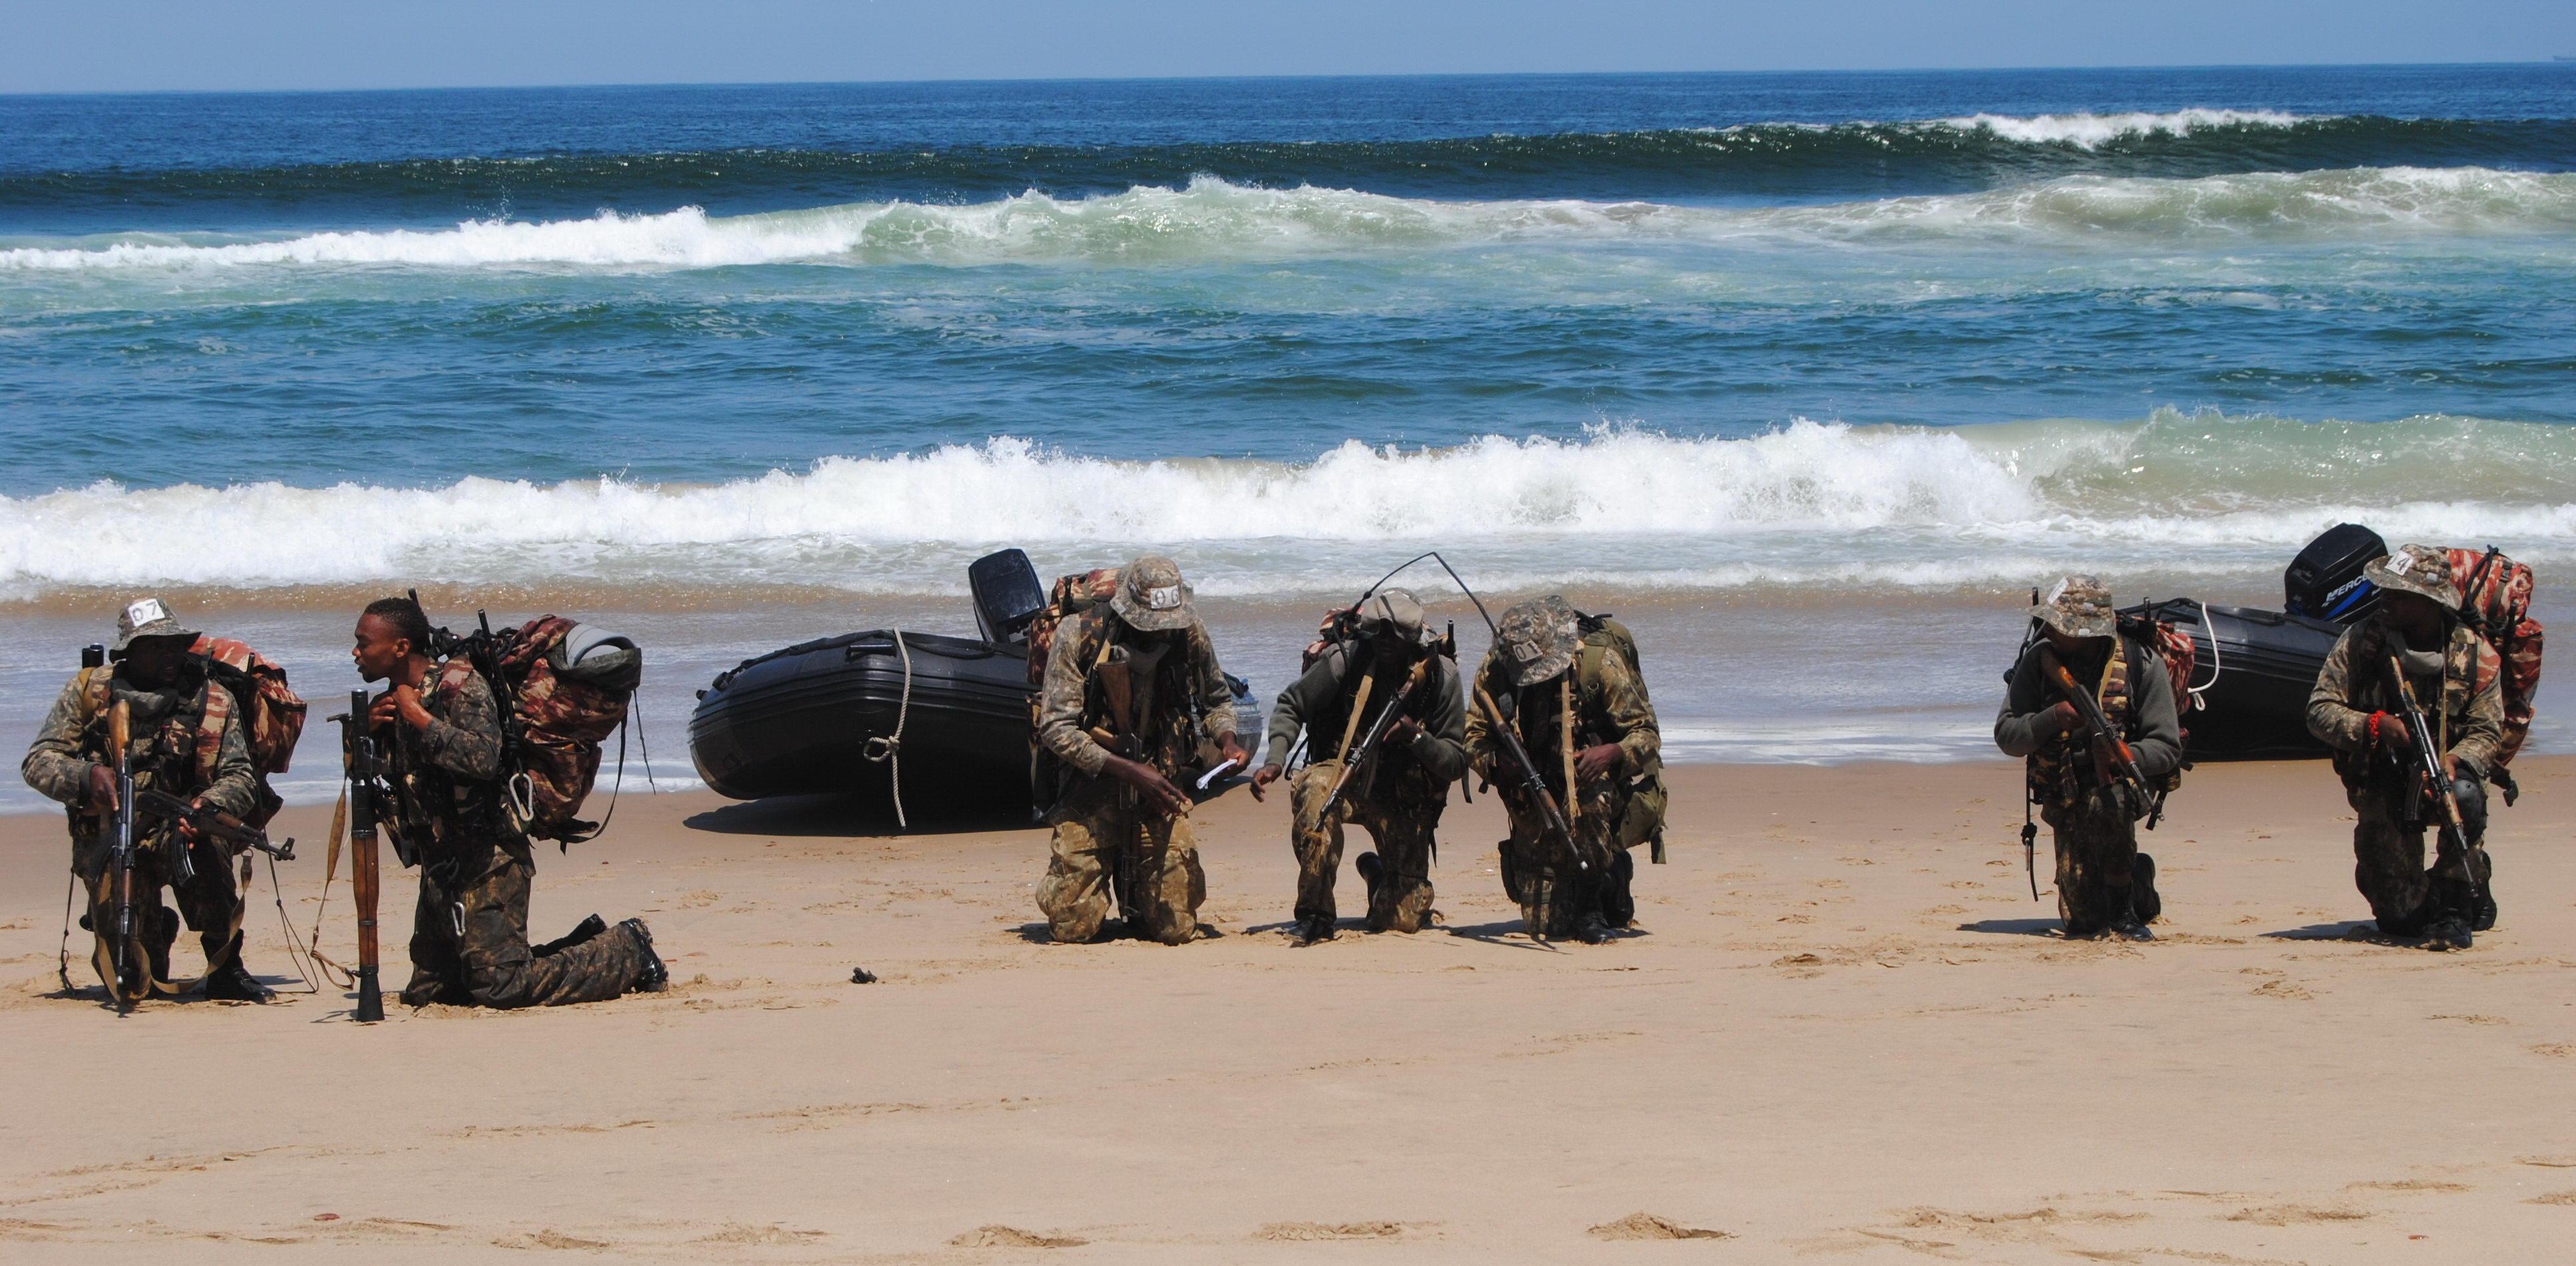 Já na praia, os alunos do Ades-Bas-OpEsp, armados com fuzis AK calibre 7,62x39mm e lançadores de granadas-foguete RPG-7, preparam-se para o deslocamento de 14 km até a fictícia base de piratas. (Imagem: Comando Geral do Corpo de Fuzileiros Navais)